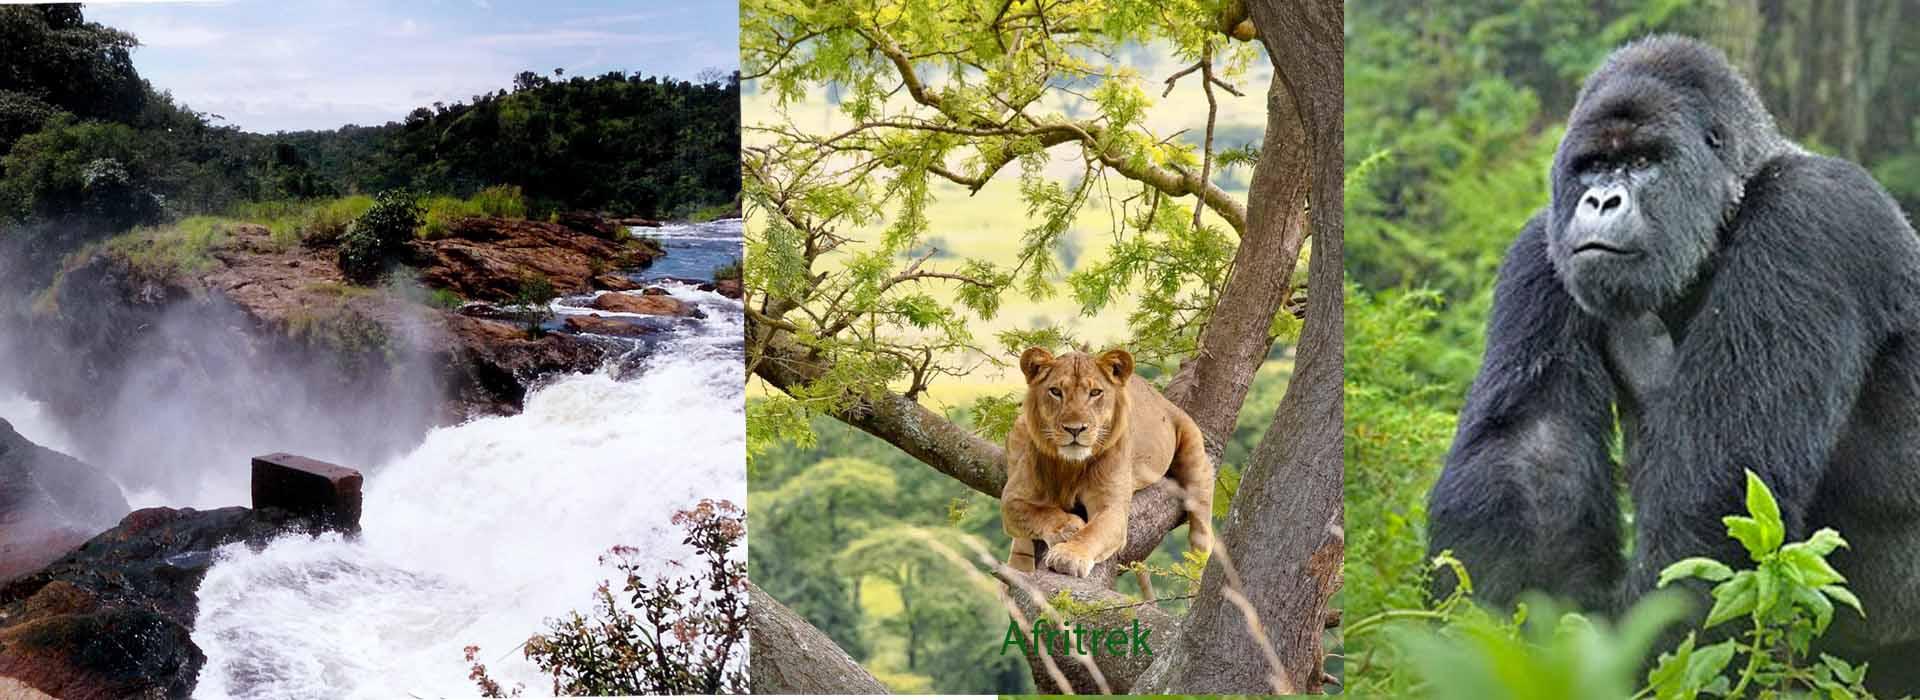 5 Best Places To Safari In Uganda